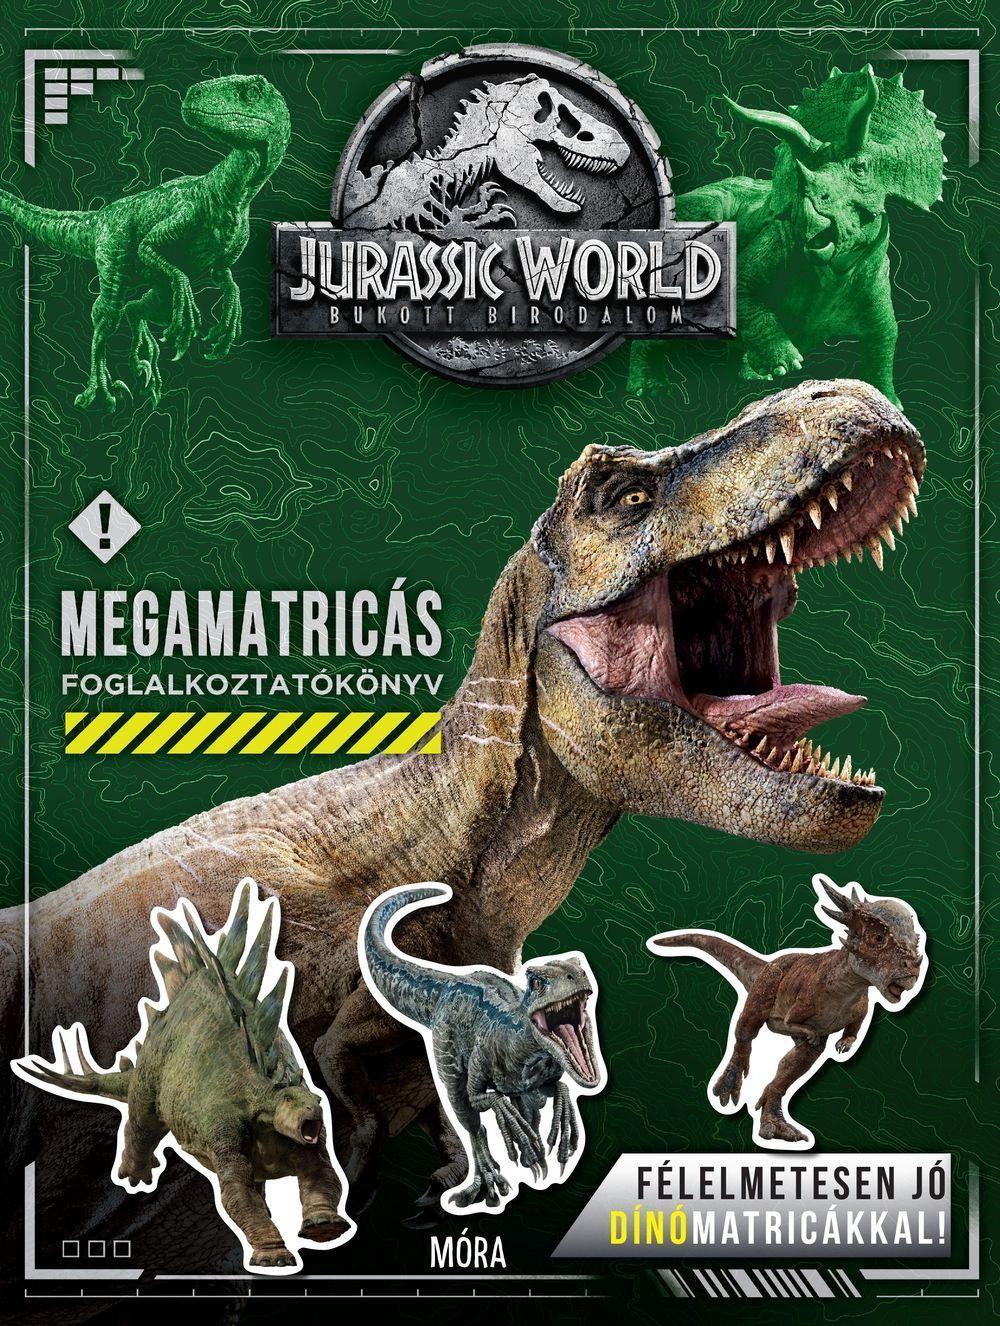 Jurassic World / Bukott Birodalom - Megamatricás foglalkoztató